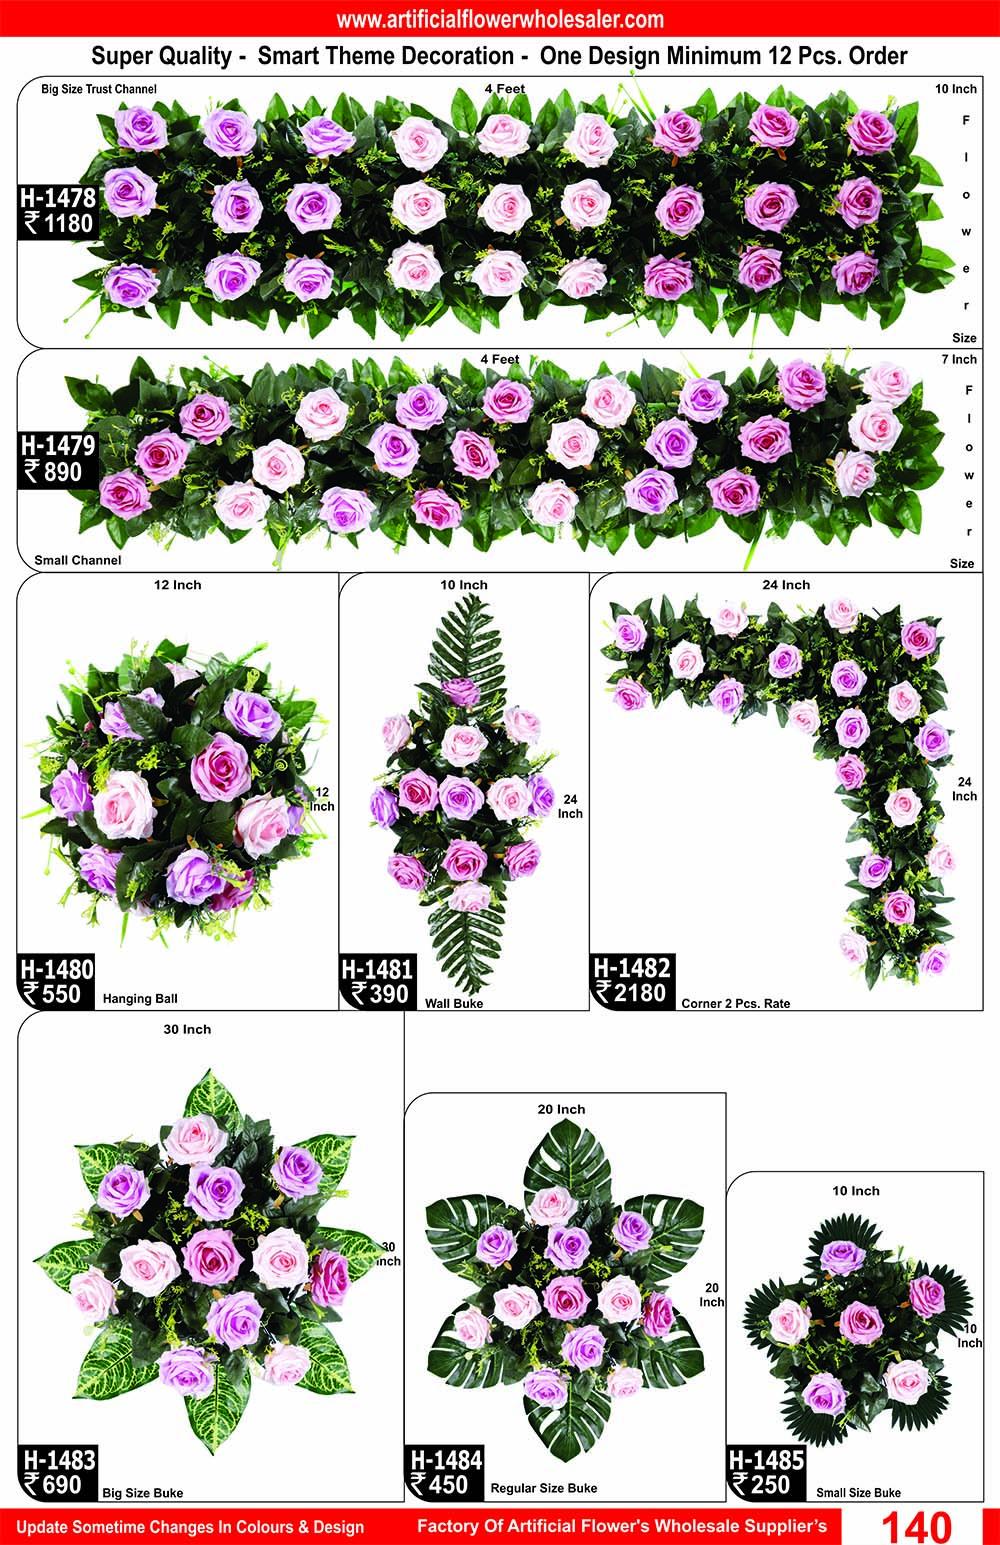 140-artificial-flower-wholesaler